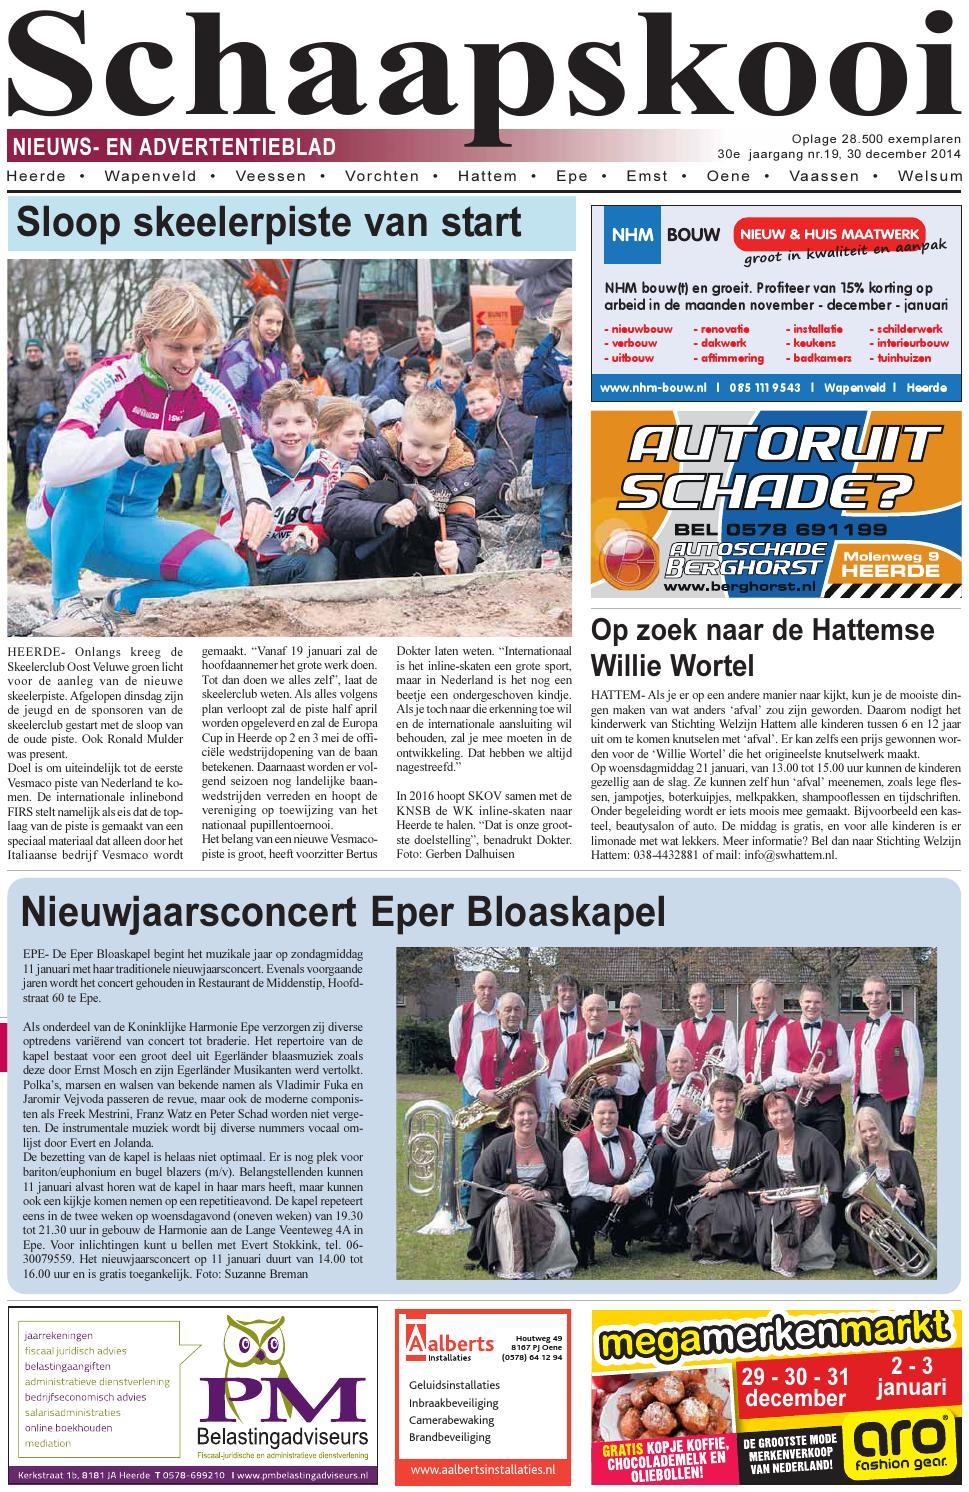 Schaapskooi week 01 2015 by schaapskooi - issuu